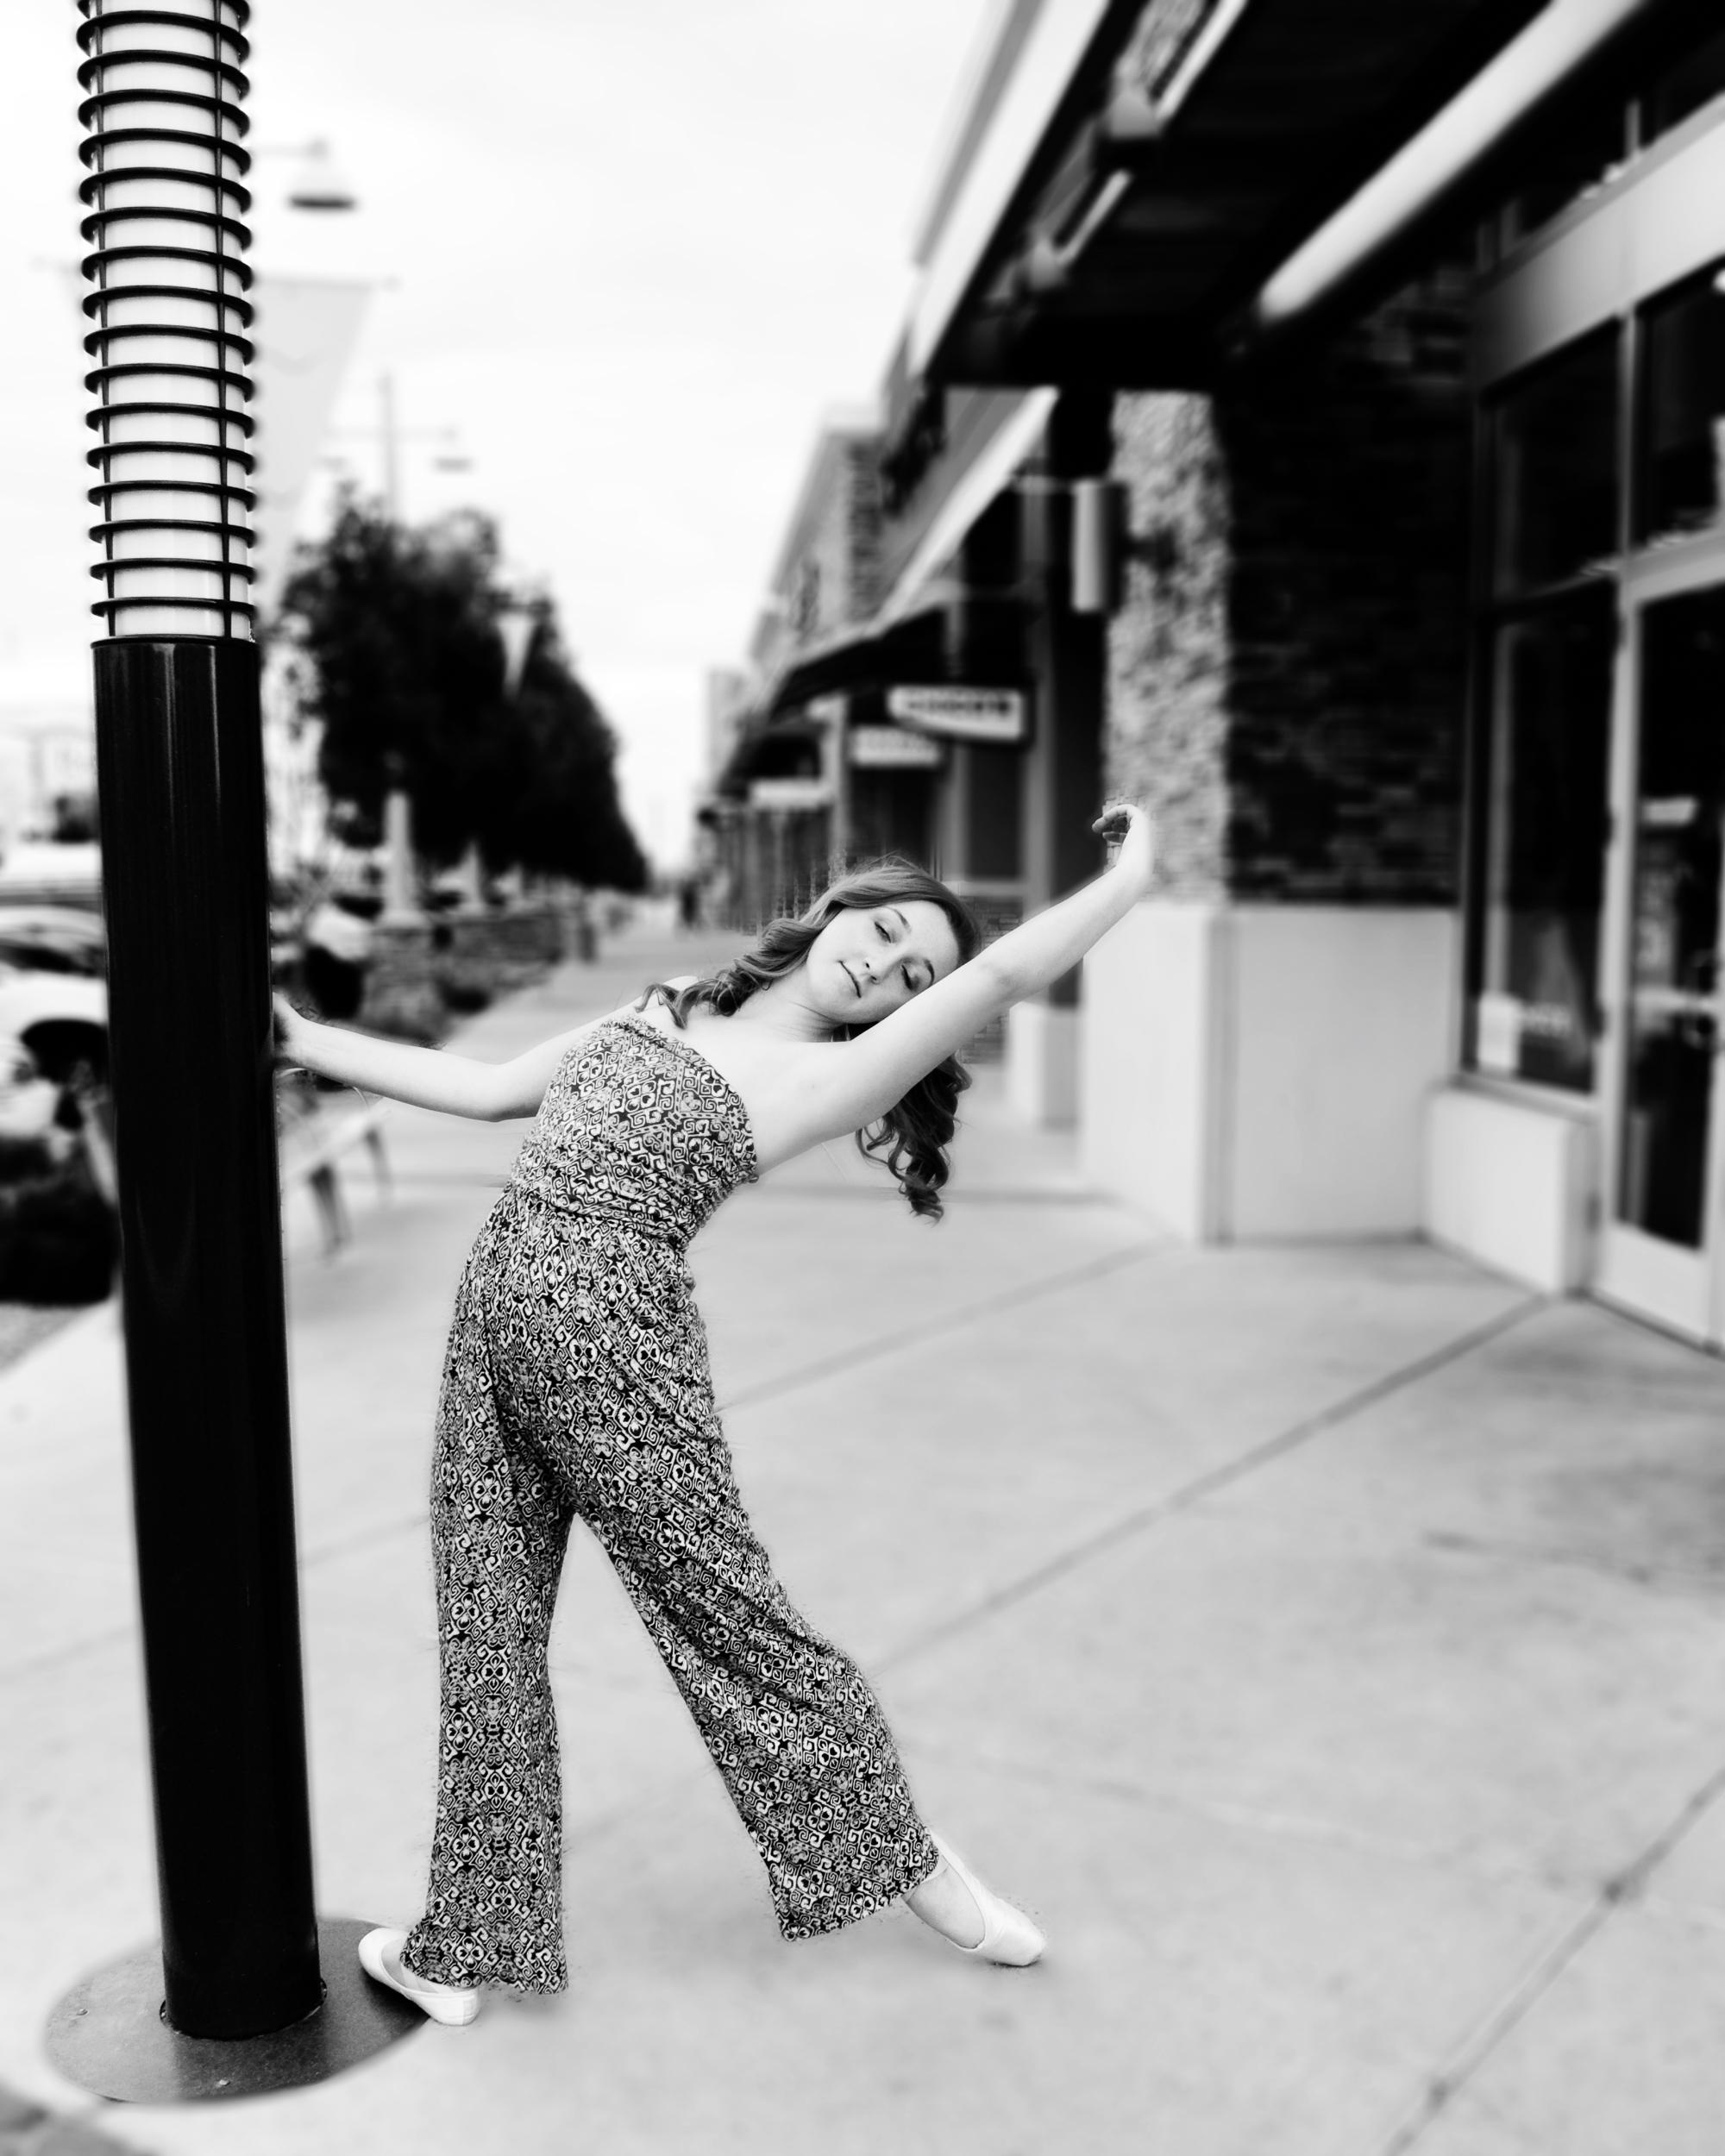 60-colorado-ballet-photographer-colorado-yoga-photographer-colorado-dance-photographer-denver-dance-photographer-denver-yoga-photographer-traveling-dance-photographerSophiaEdwards_Ballet_202_bw.jpg